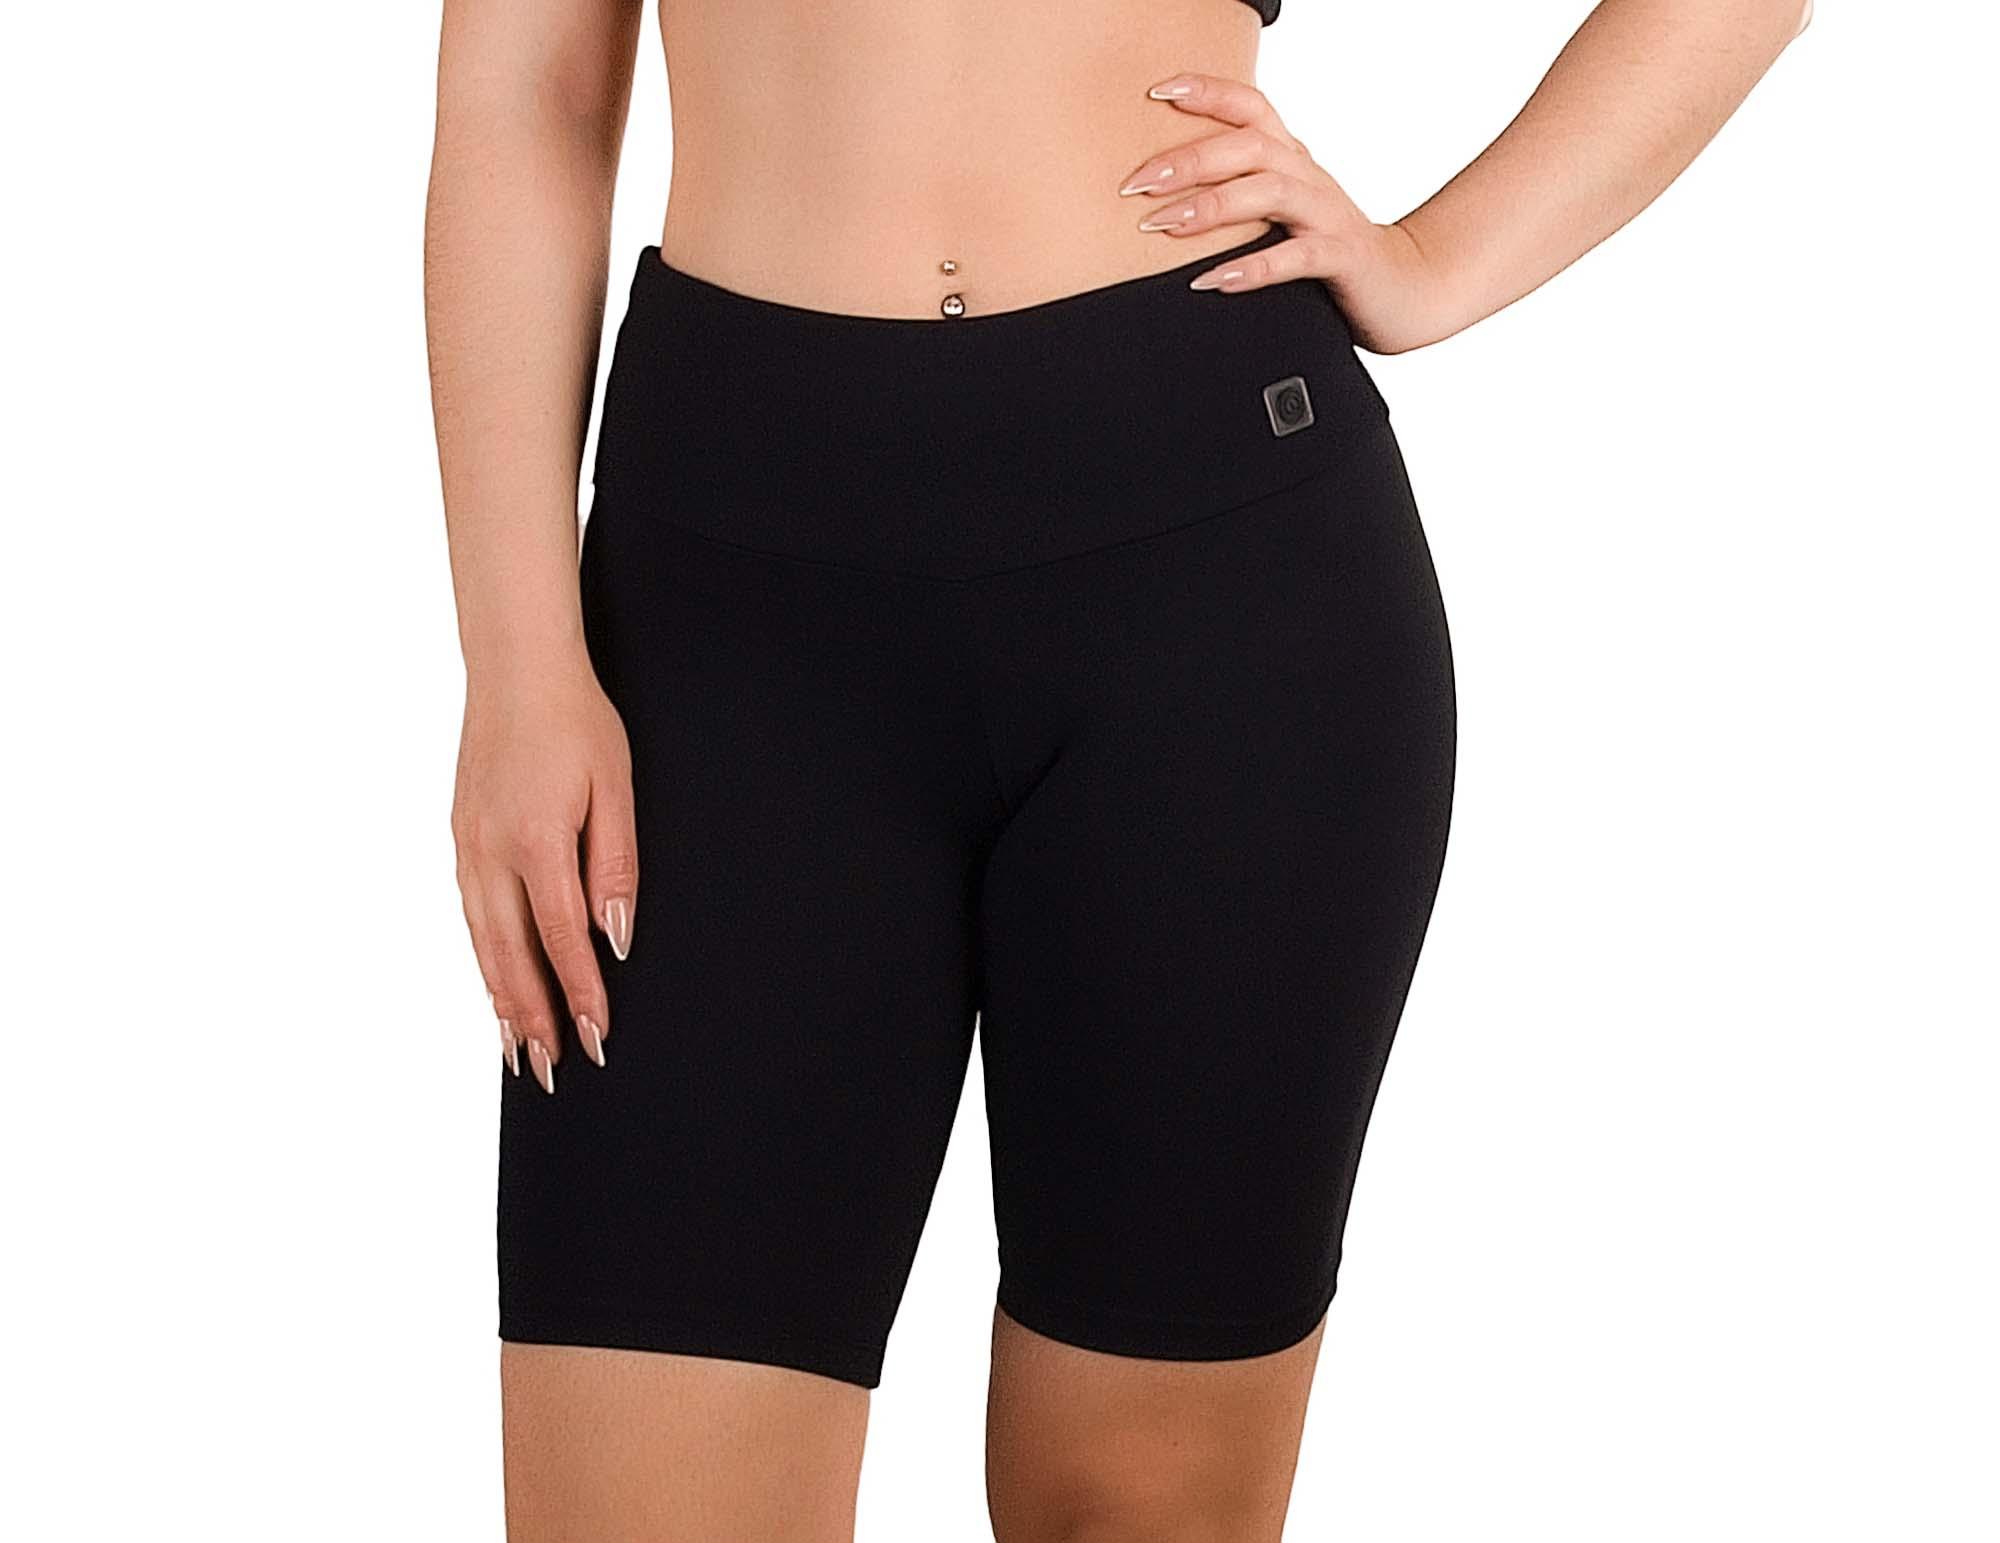 Shorts de mujer Fit con bolsillo interior